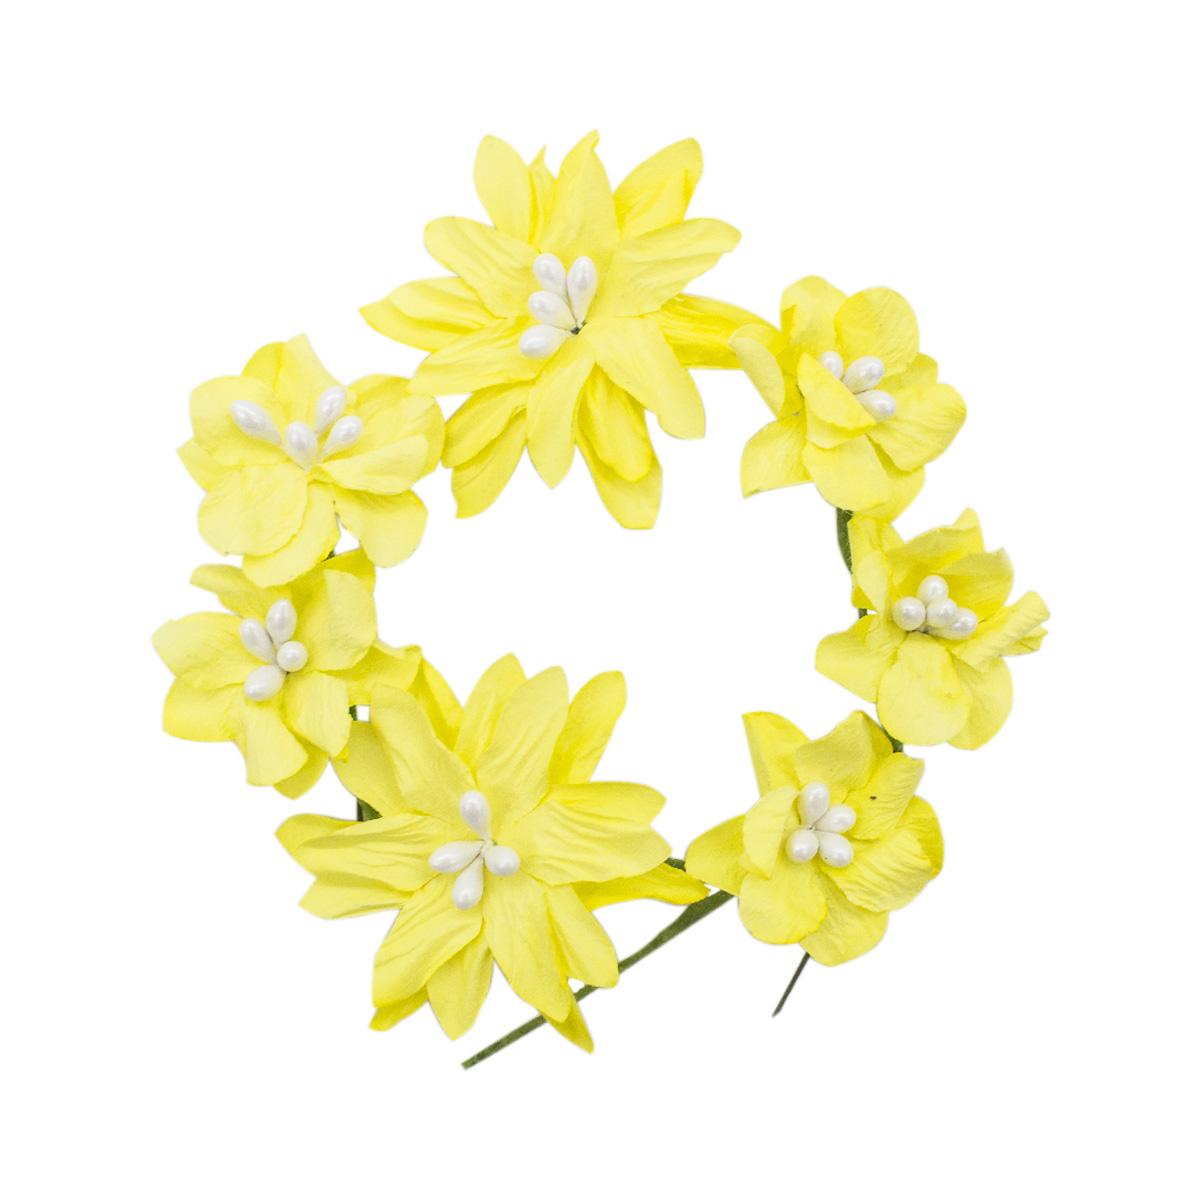 YX15-144 Бумажные цветы 'Хризантемы', d 3 см/5 см, упак./10 шт., 'Астра'